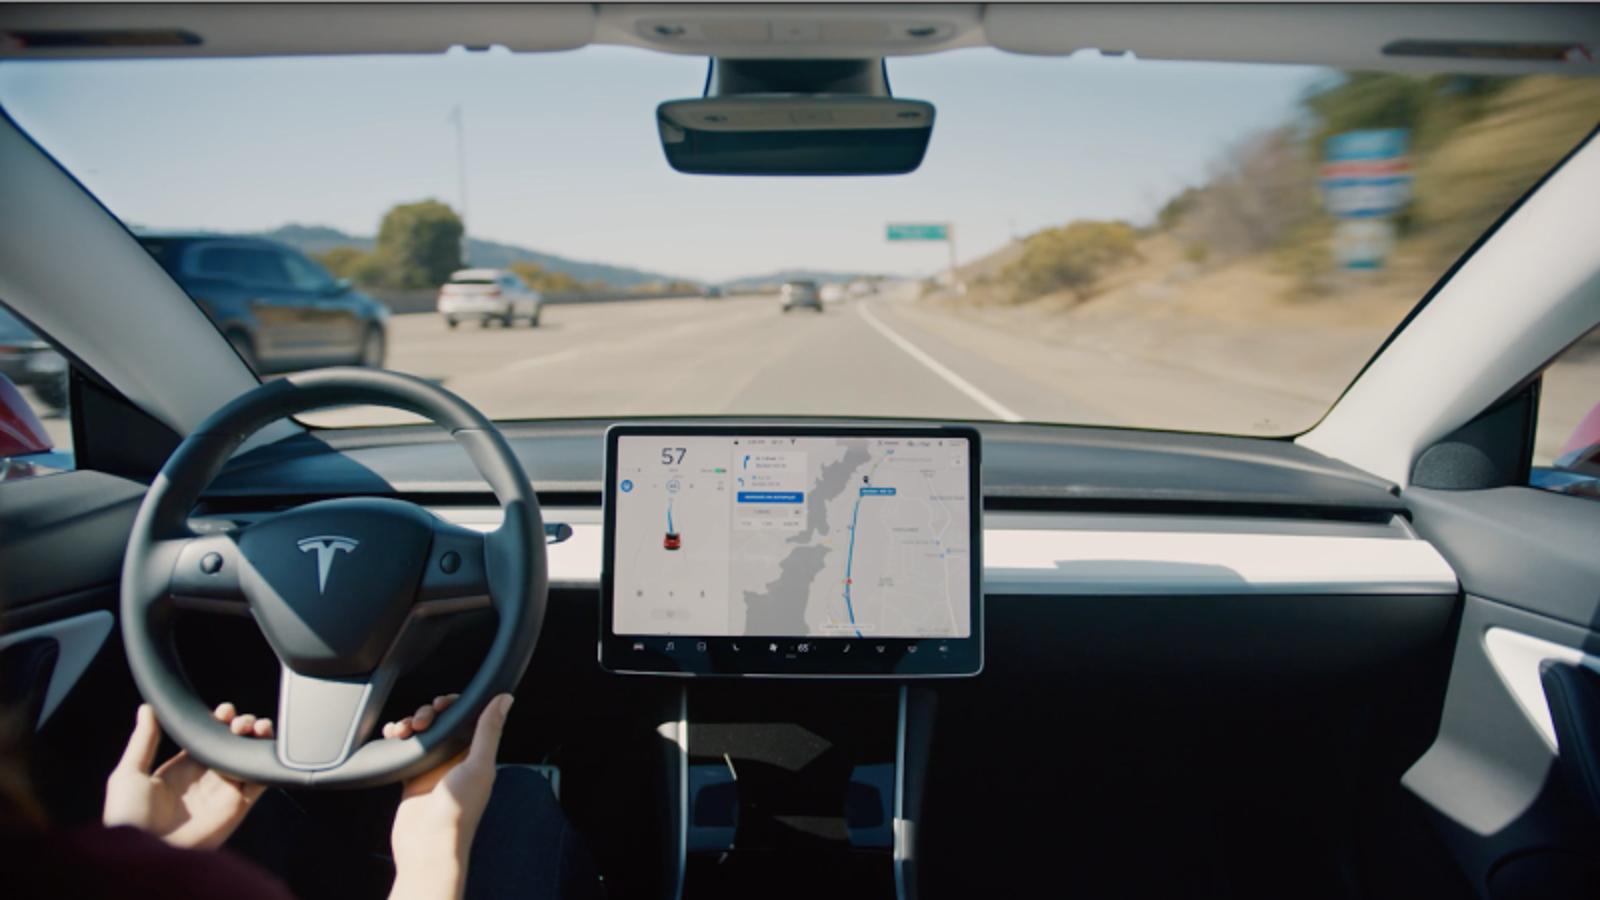 Un ex empleado de Tesla se descargó el código fuente del autopilot, y ahora trabaja en una compañía china